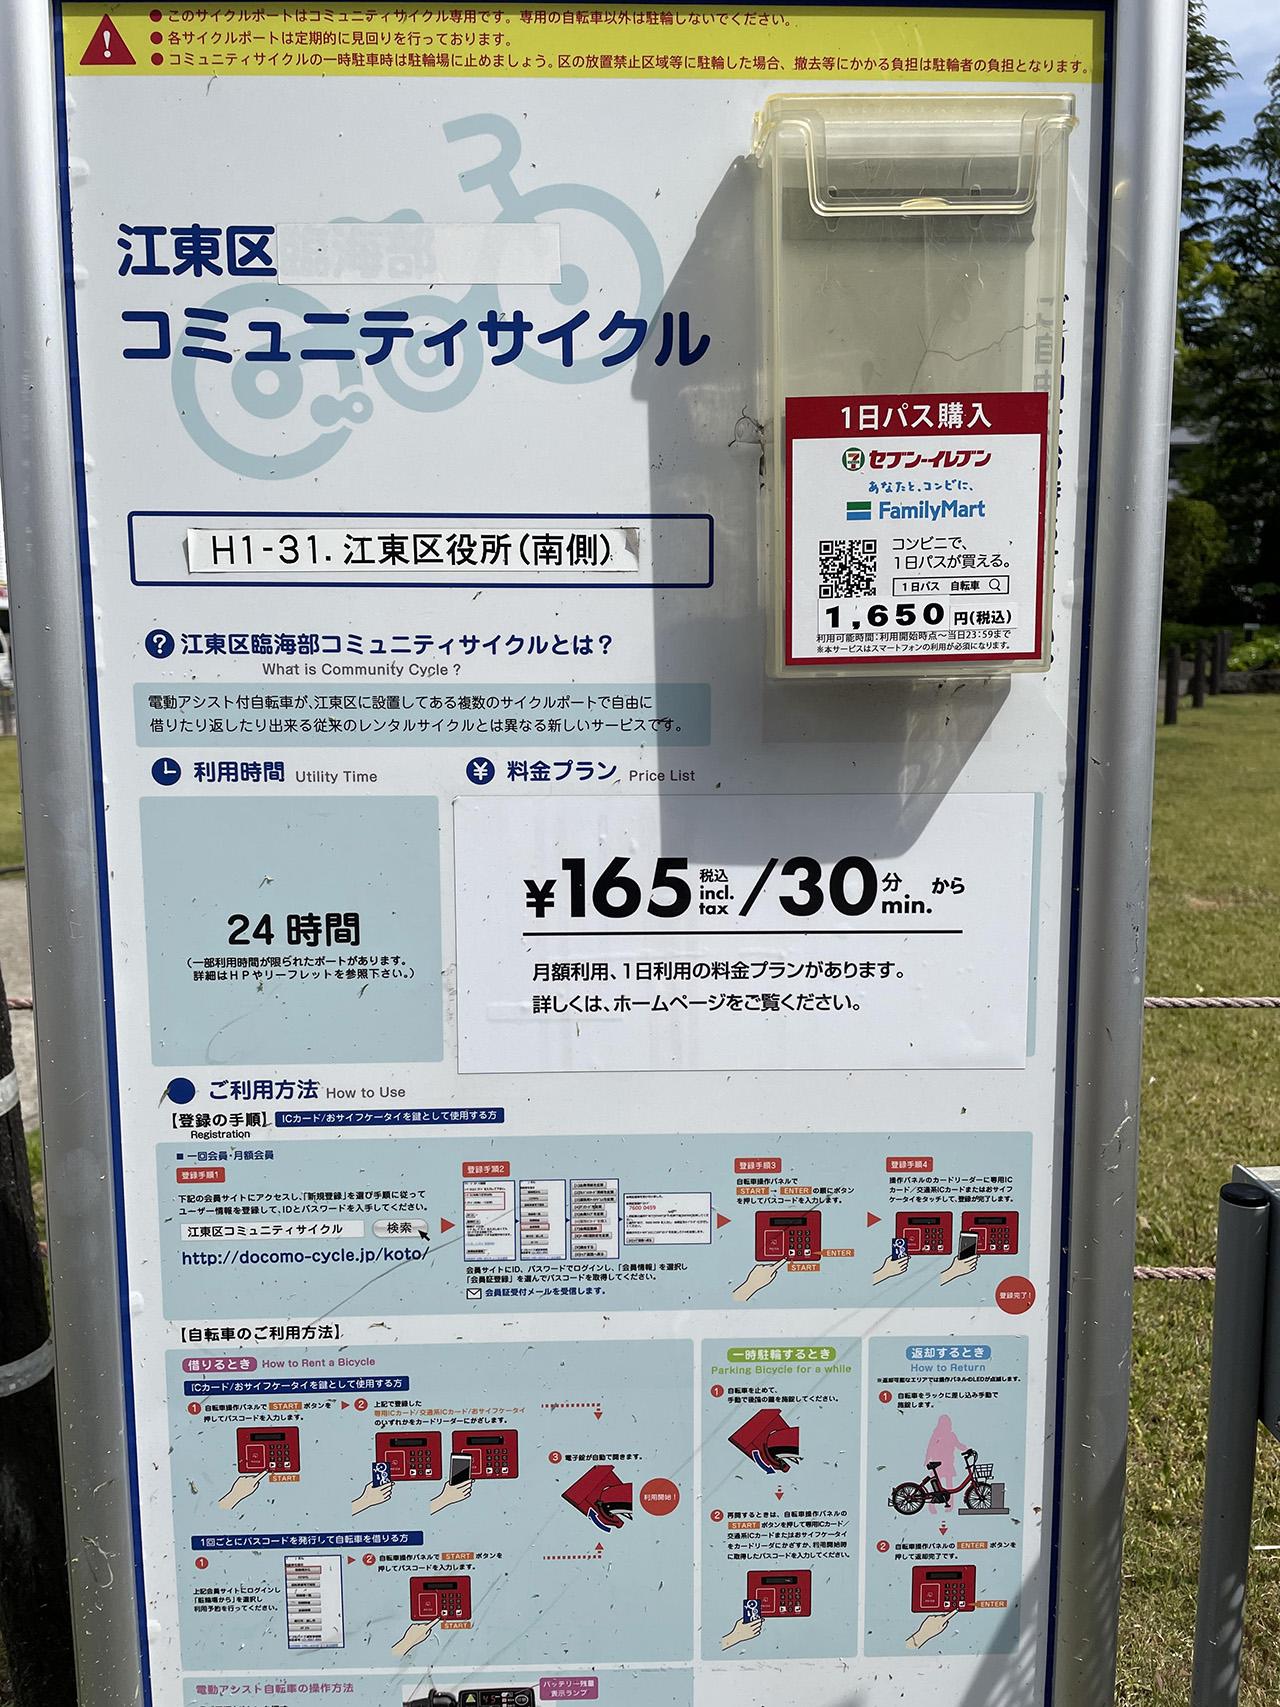 江東区コミュニティサイクル駐輪場の看板写真